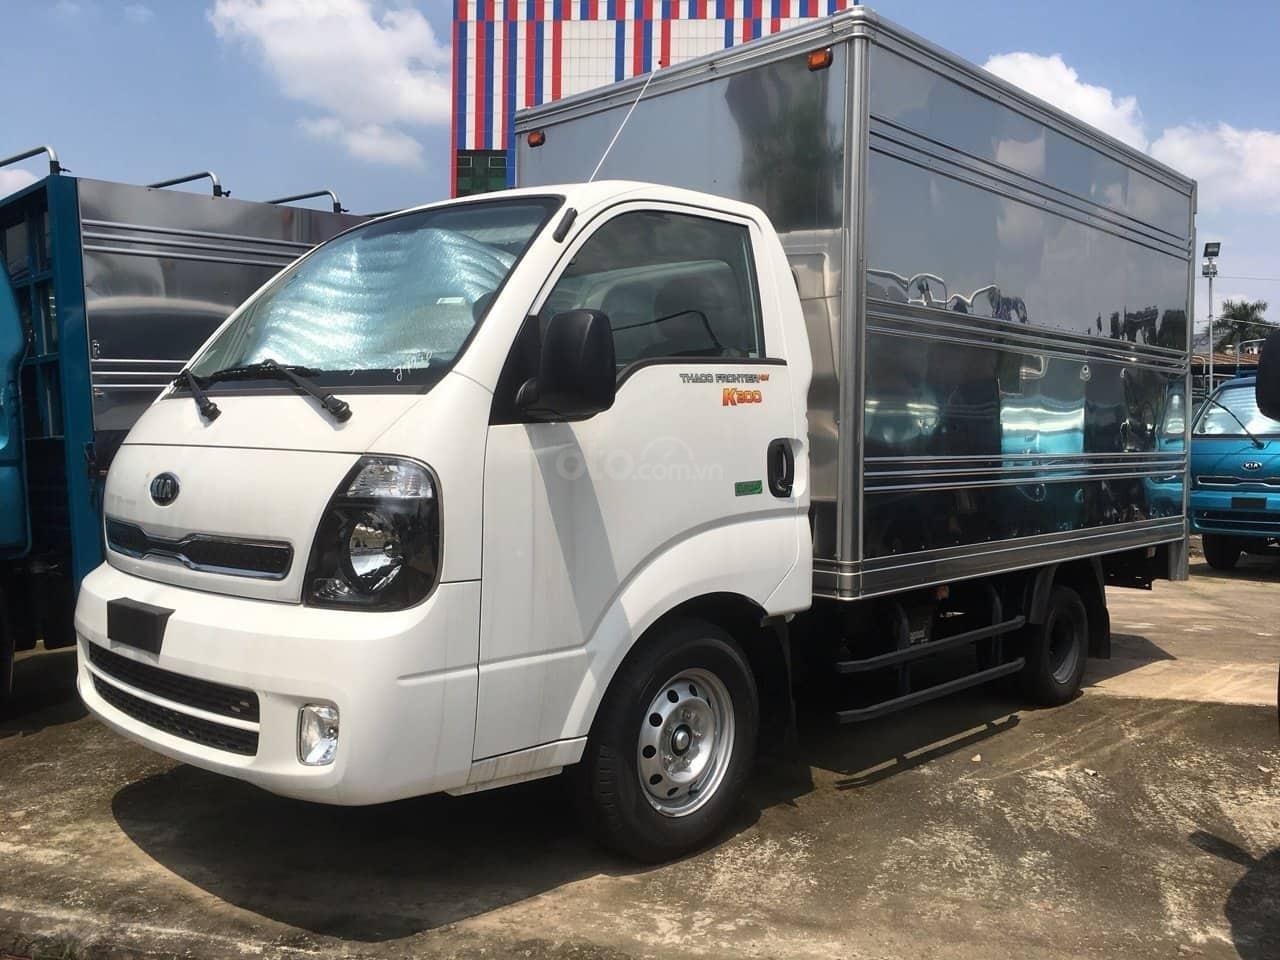 Bán Kia K250 tải trọng 2.49 tấn, giá tốt tại Bình Dương, hỗ trợ trả góp - LH: 0932.324.220 (3)